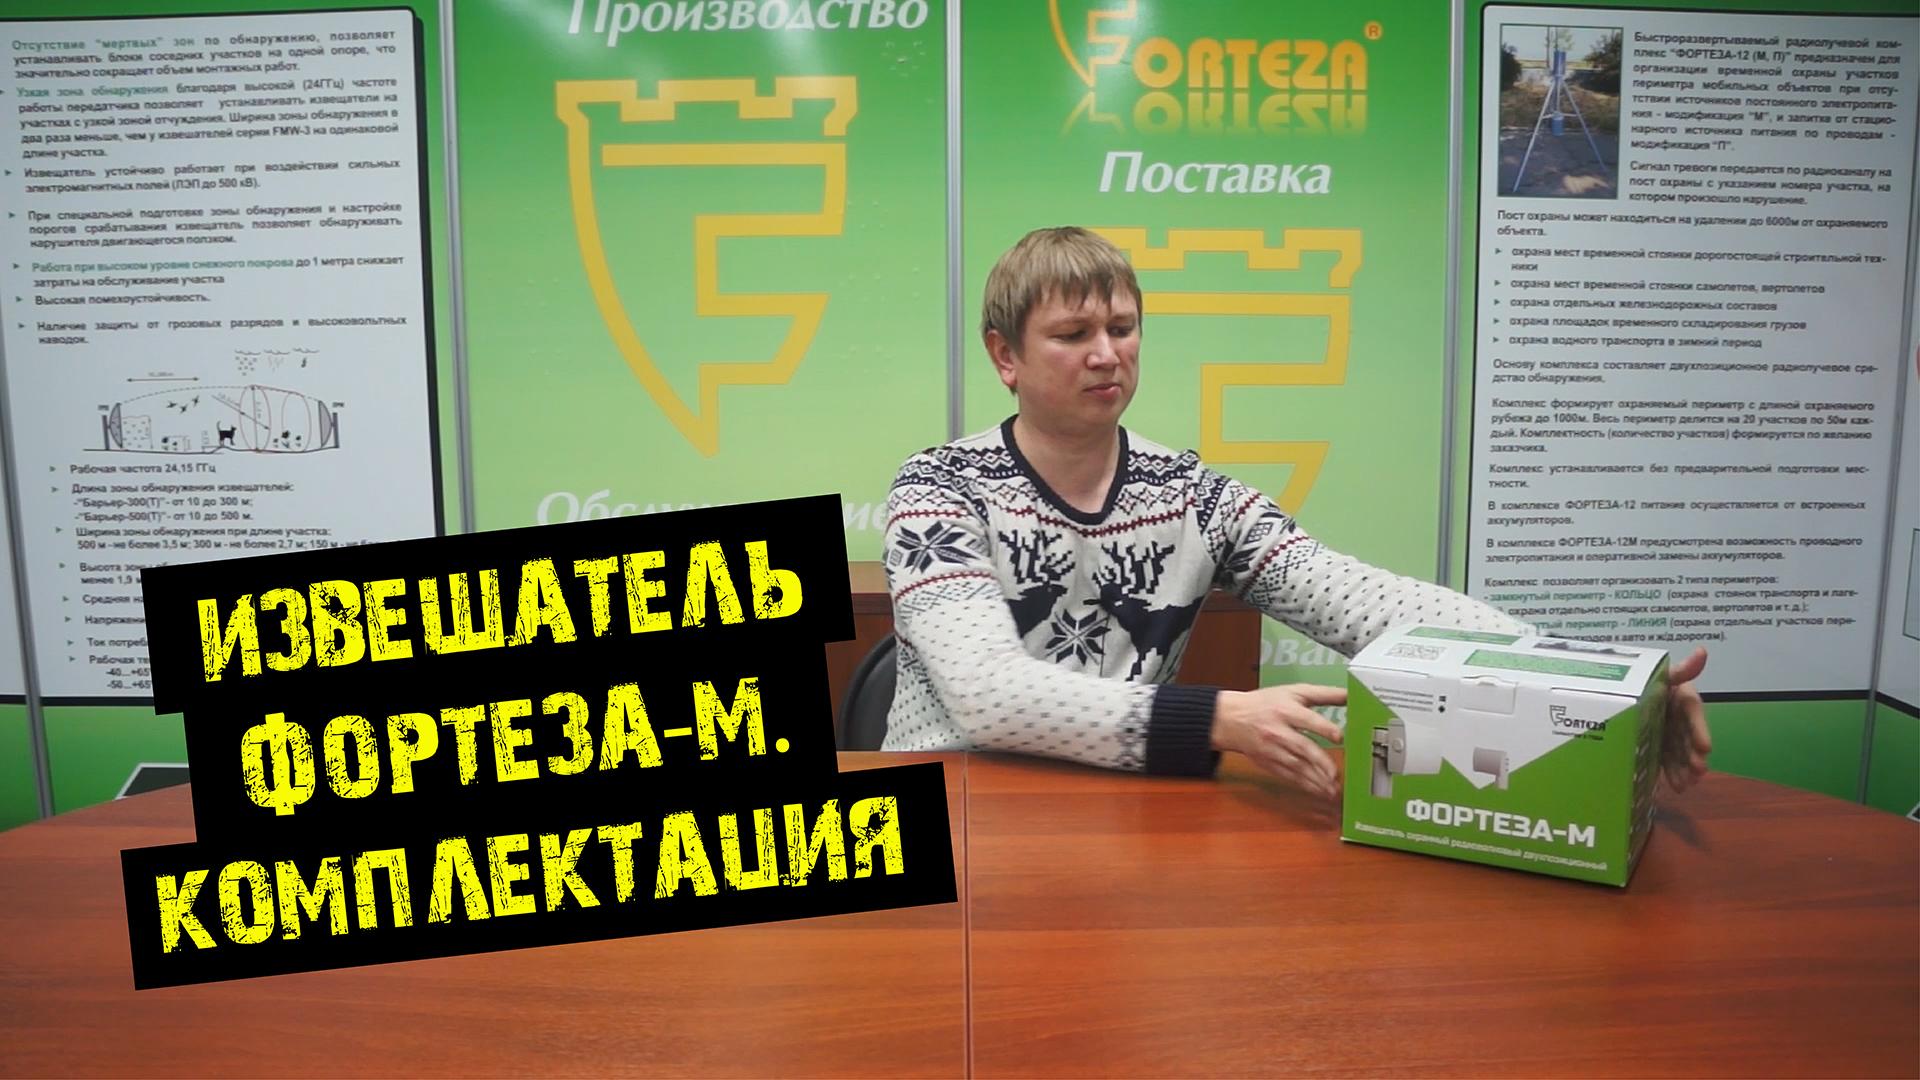 """Видео: Комплектация извещателя """"ФОРТЕЗА-М"""""""